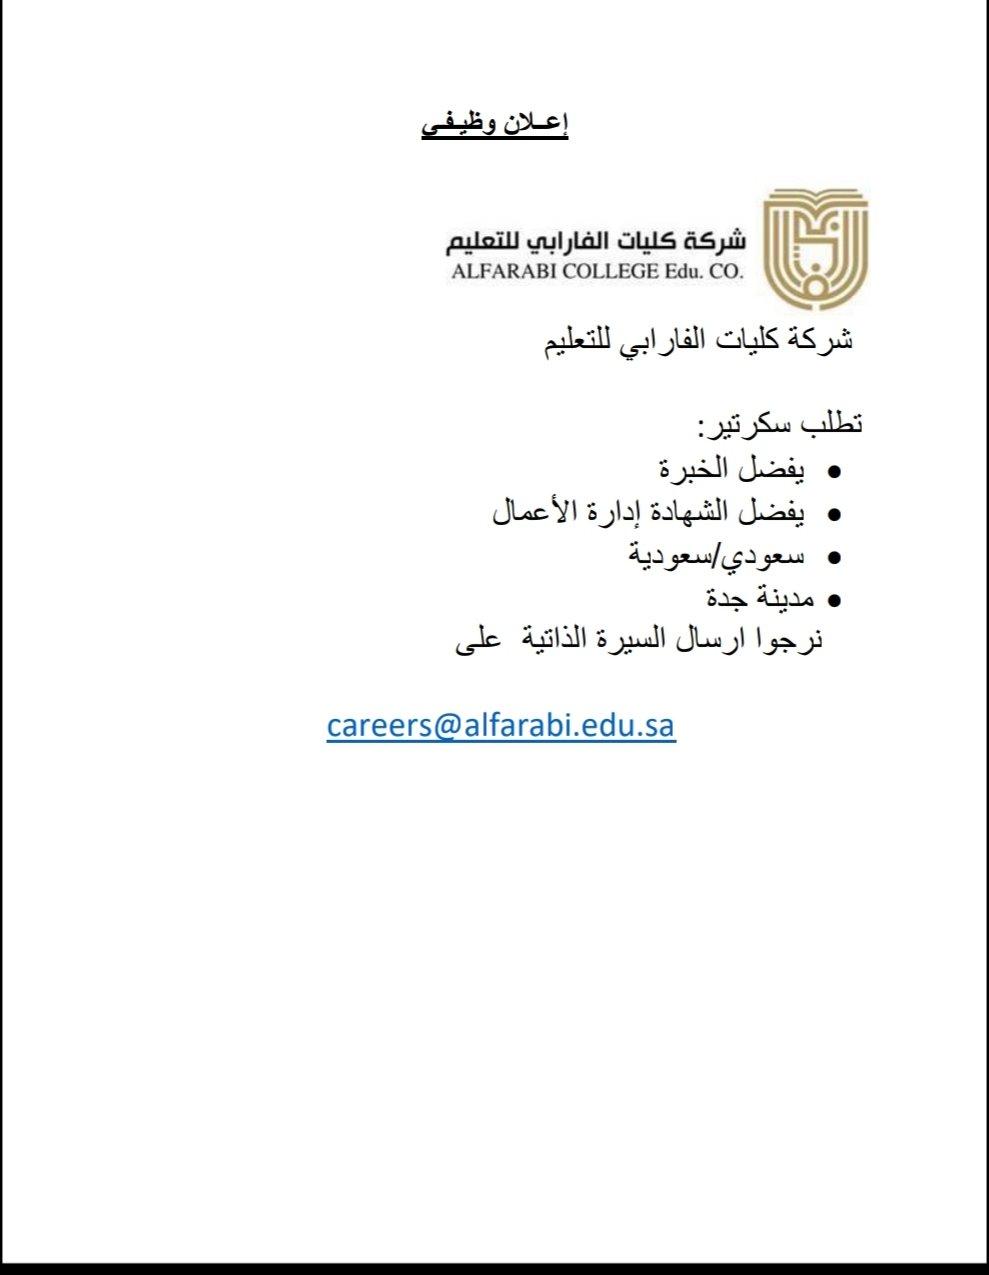 تعلن شركة #كليات_الفارابى عن وظائف شاغرة في مدينة #جدة   ١- سكرتير  ٢- أمين مكتبة ٣- أخصائي علاقات عامة  ٤- مسؤول شؤون طلاب   الايميل careers@alfarabi.edu.sa  #وظائف_جدة #وظائف_نسائيه #وظائف